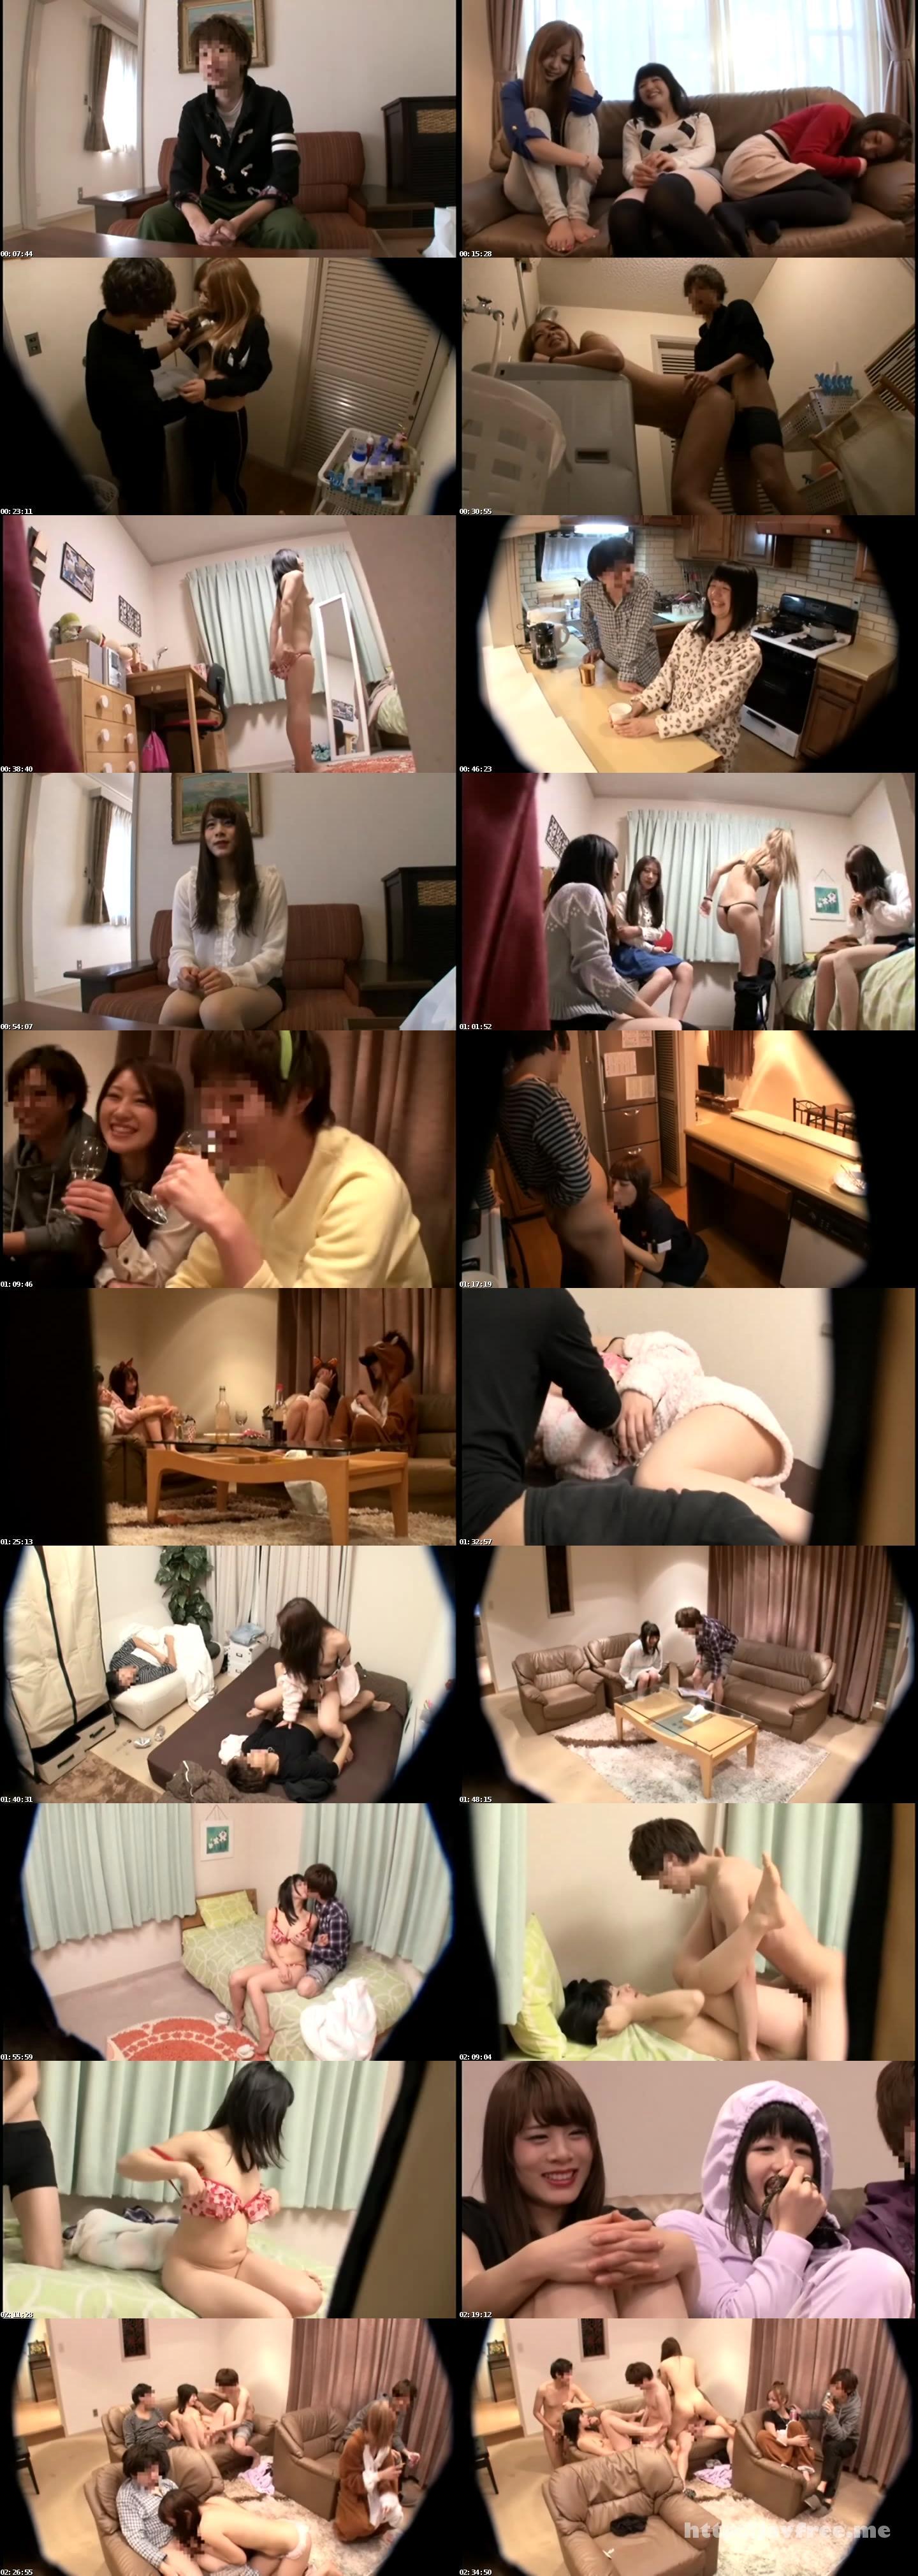 [NHDTA 519] 「悲報」今話題のシェアハウスでは入居者同士のSEXが日常茶飯事だと判明 NHDTA